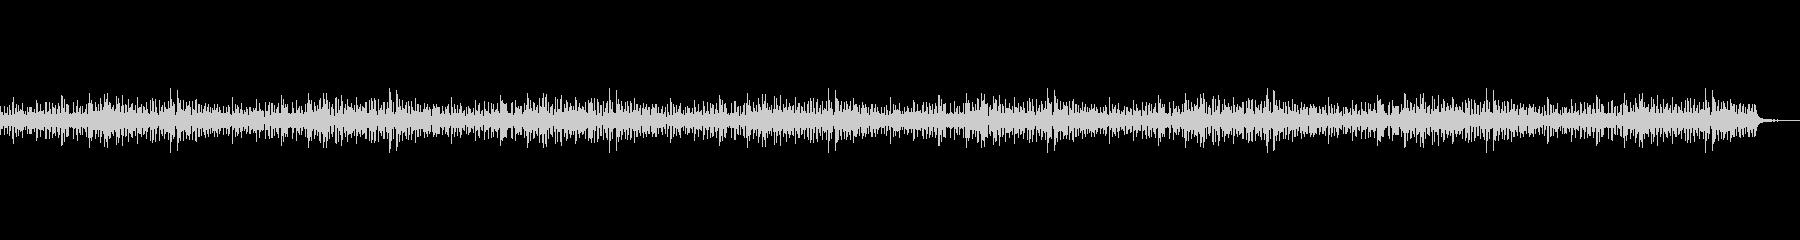 youtubeルームツアーピアノループの未再生の波形